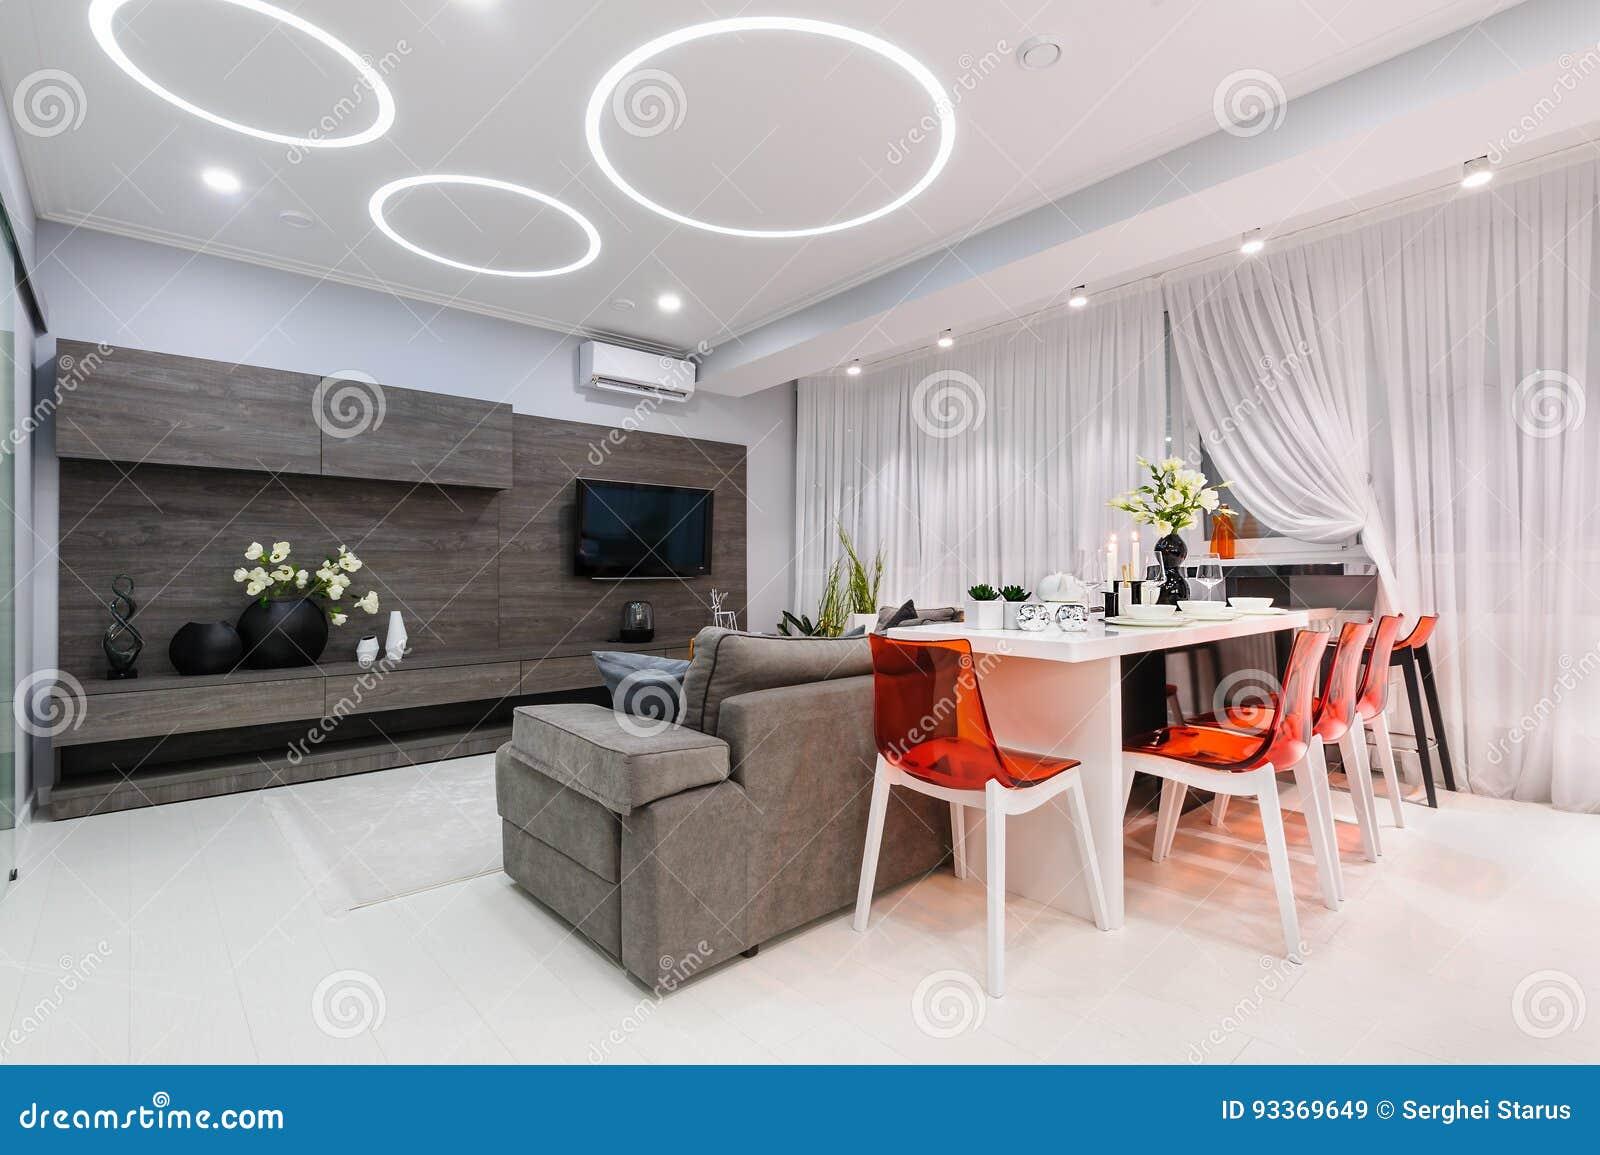 Soggiorno Moderno Con Tavolo Da Pranzo.Salone Bianco Moderno Con Il Tavolo Da Pranzo Immagine Stock